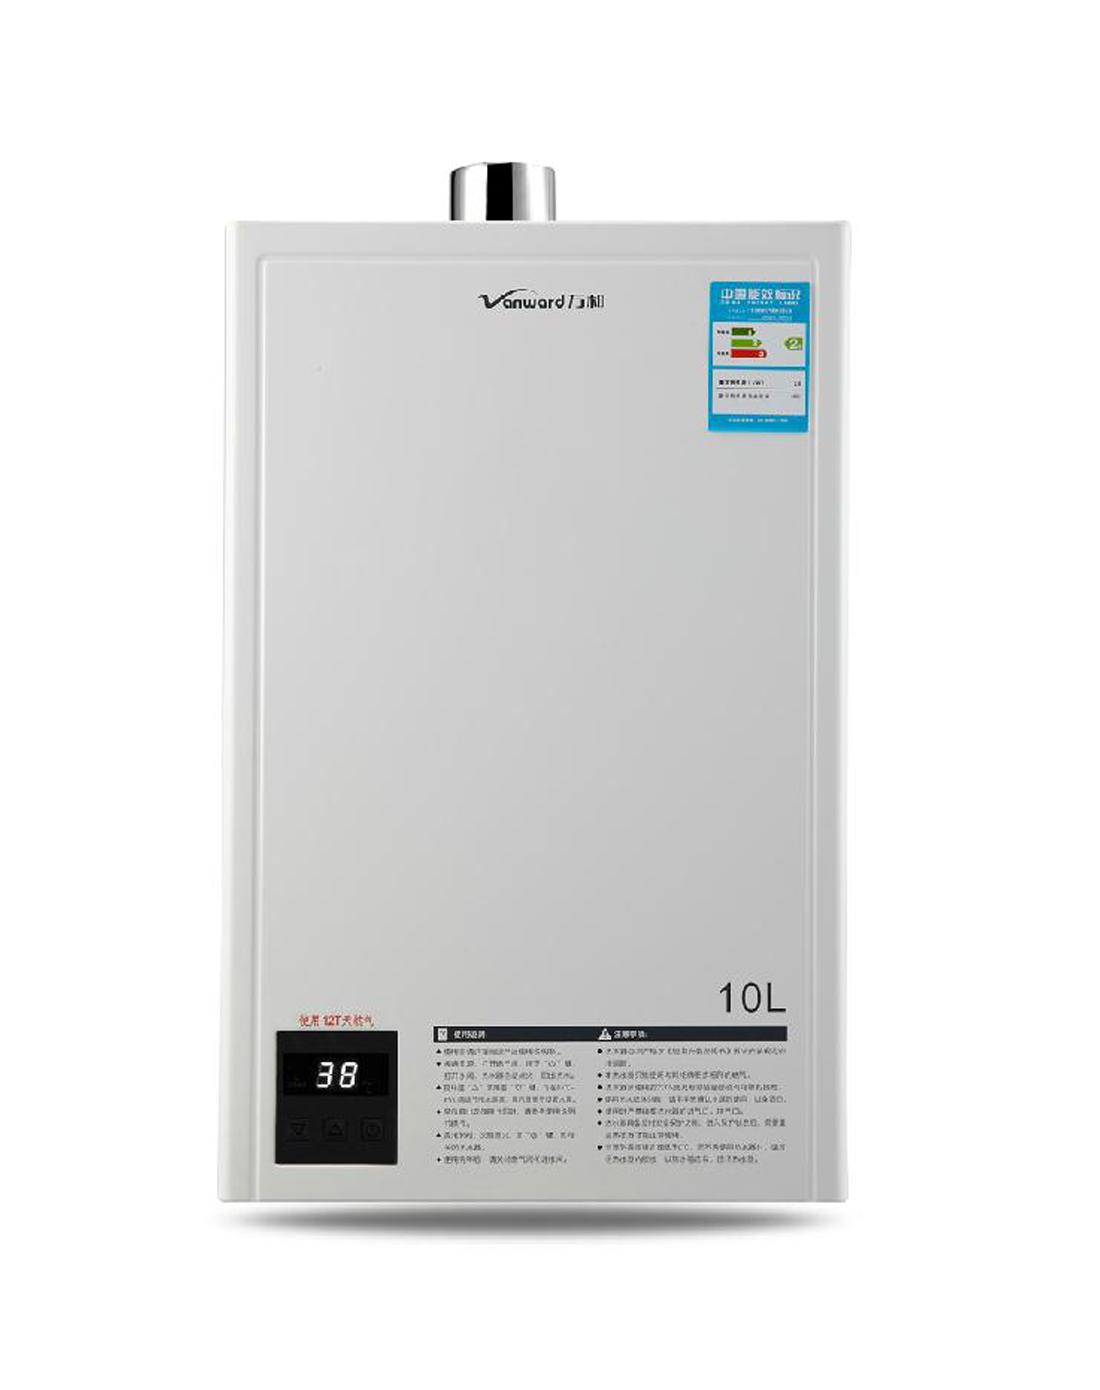 万和vanward家电非常节能恒温10l强排燃气热水器(天然图片